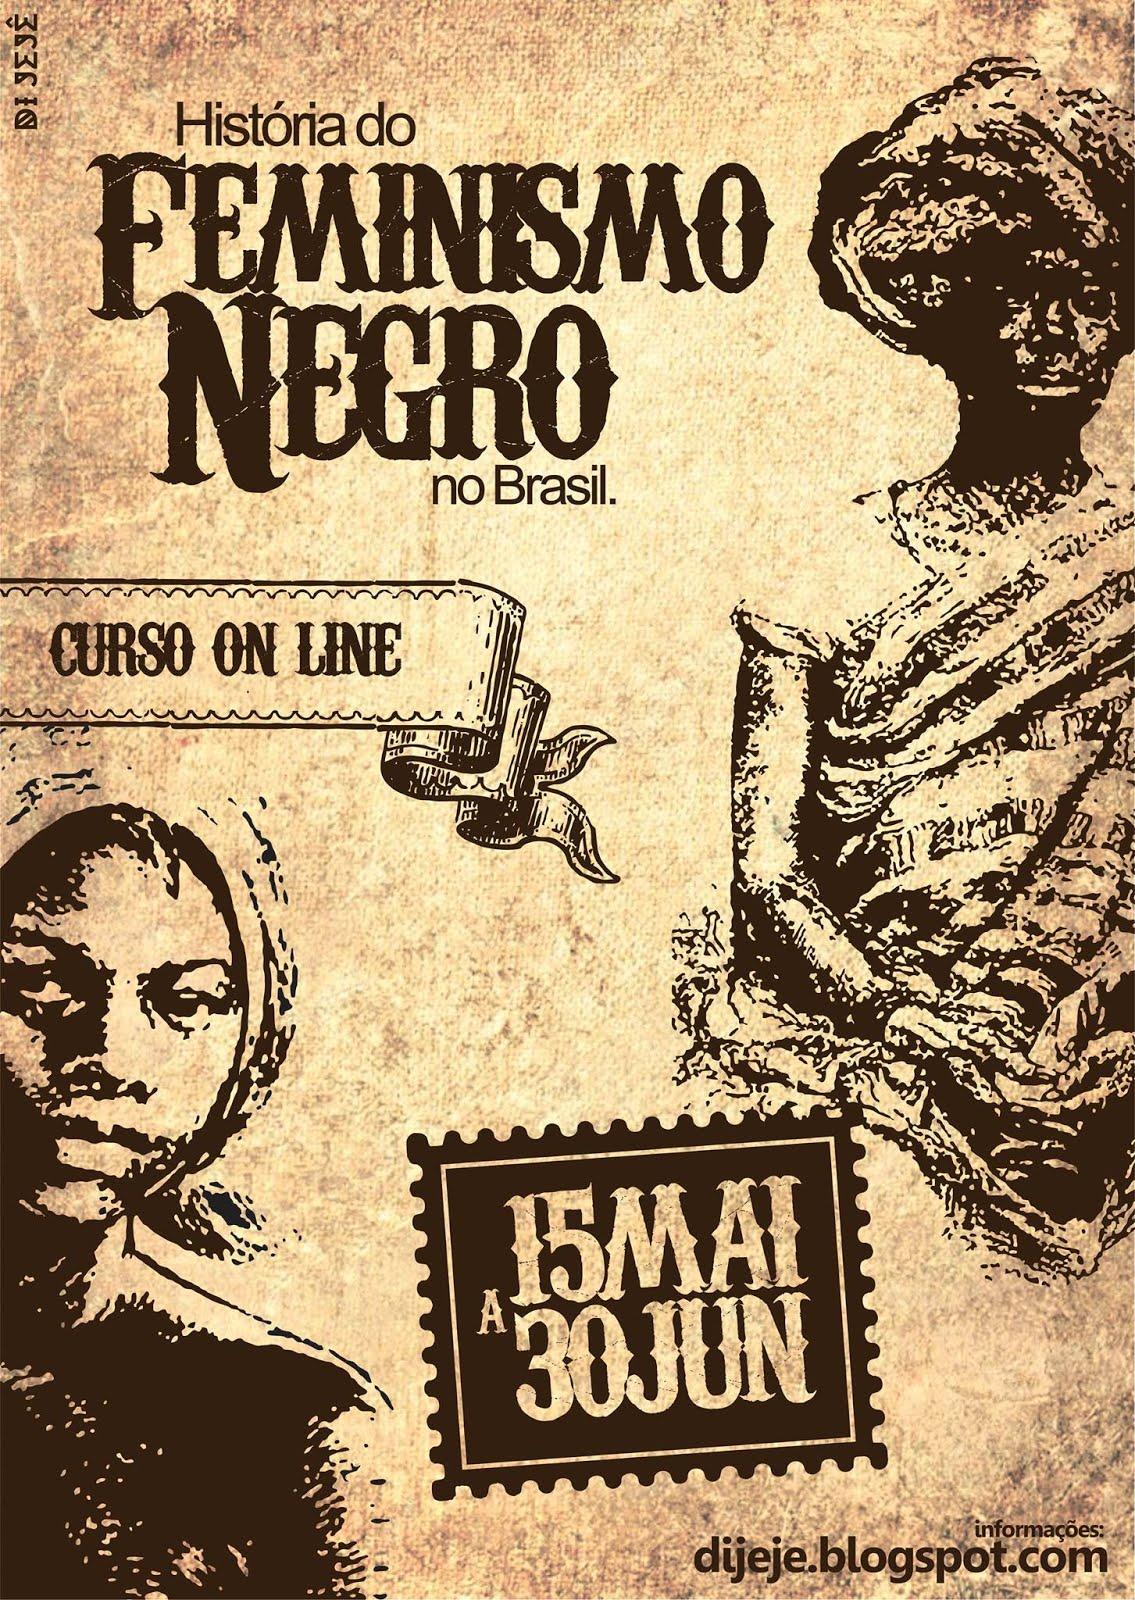 Curso on line A história do feminismo negro no Brasil